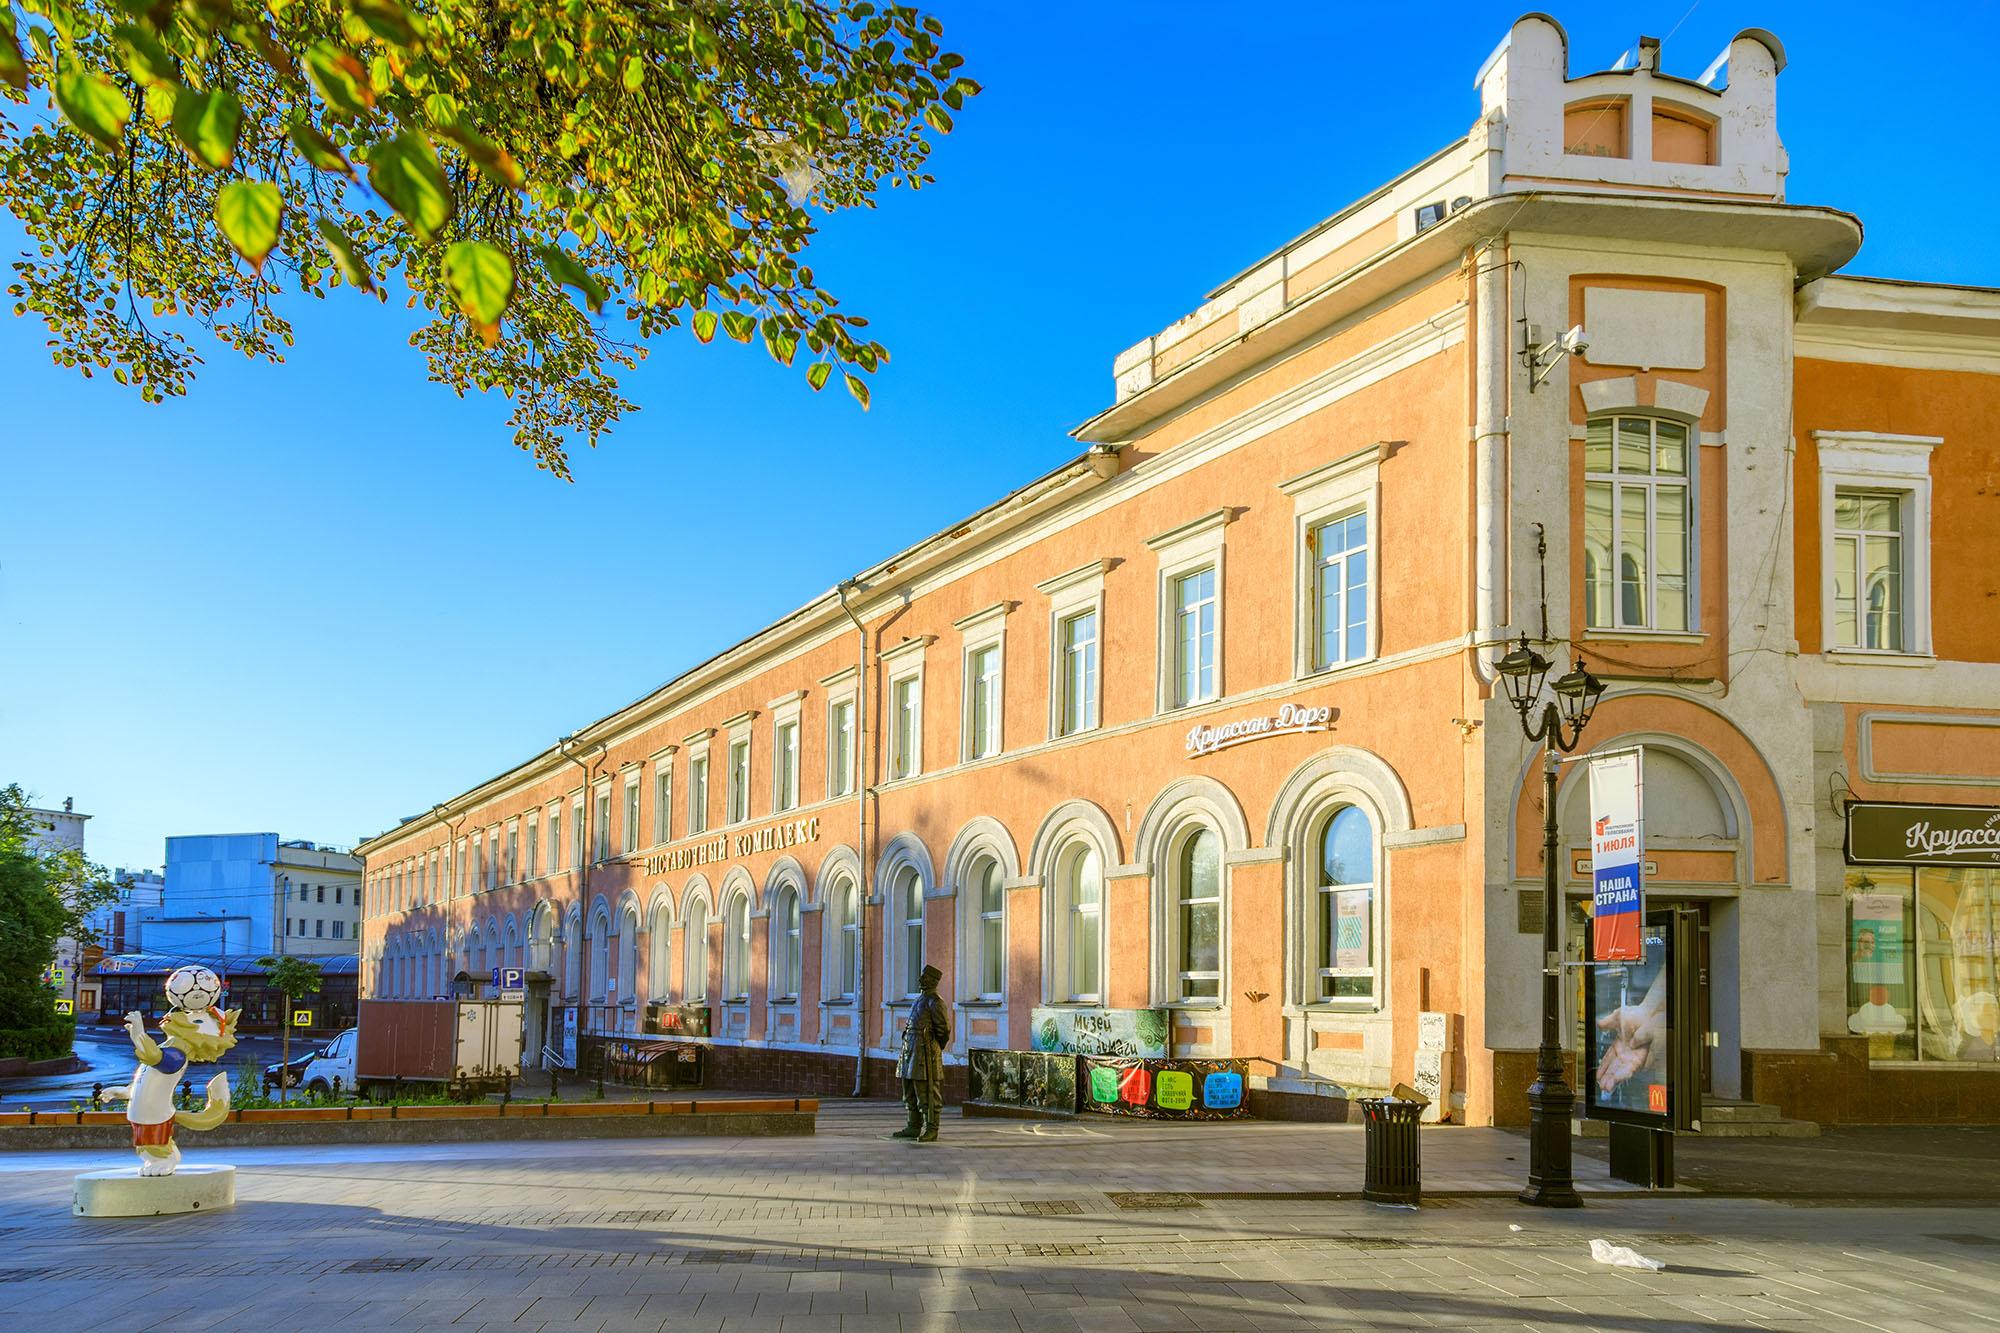 Выставка, посвященная Александру Невскому, открылась в Нижнем Новгороде